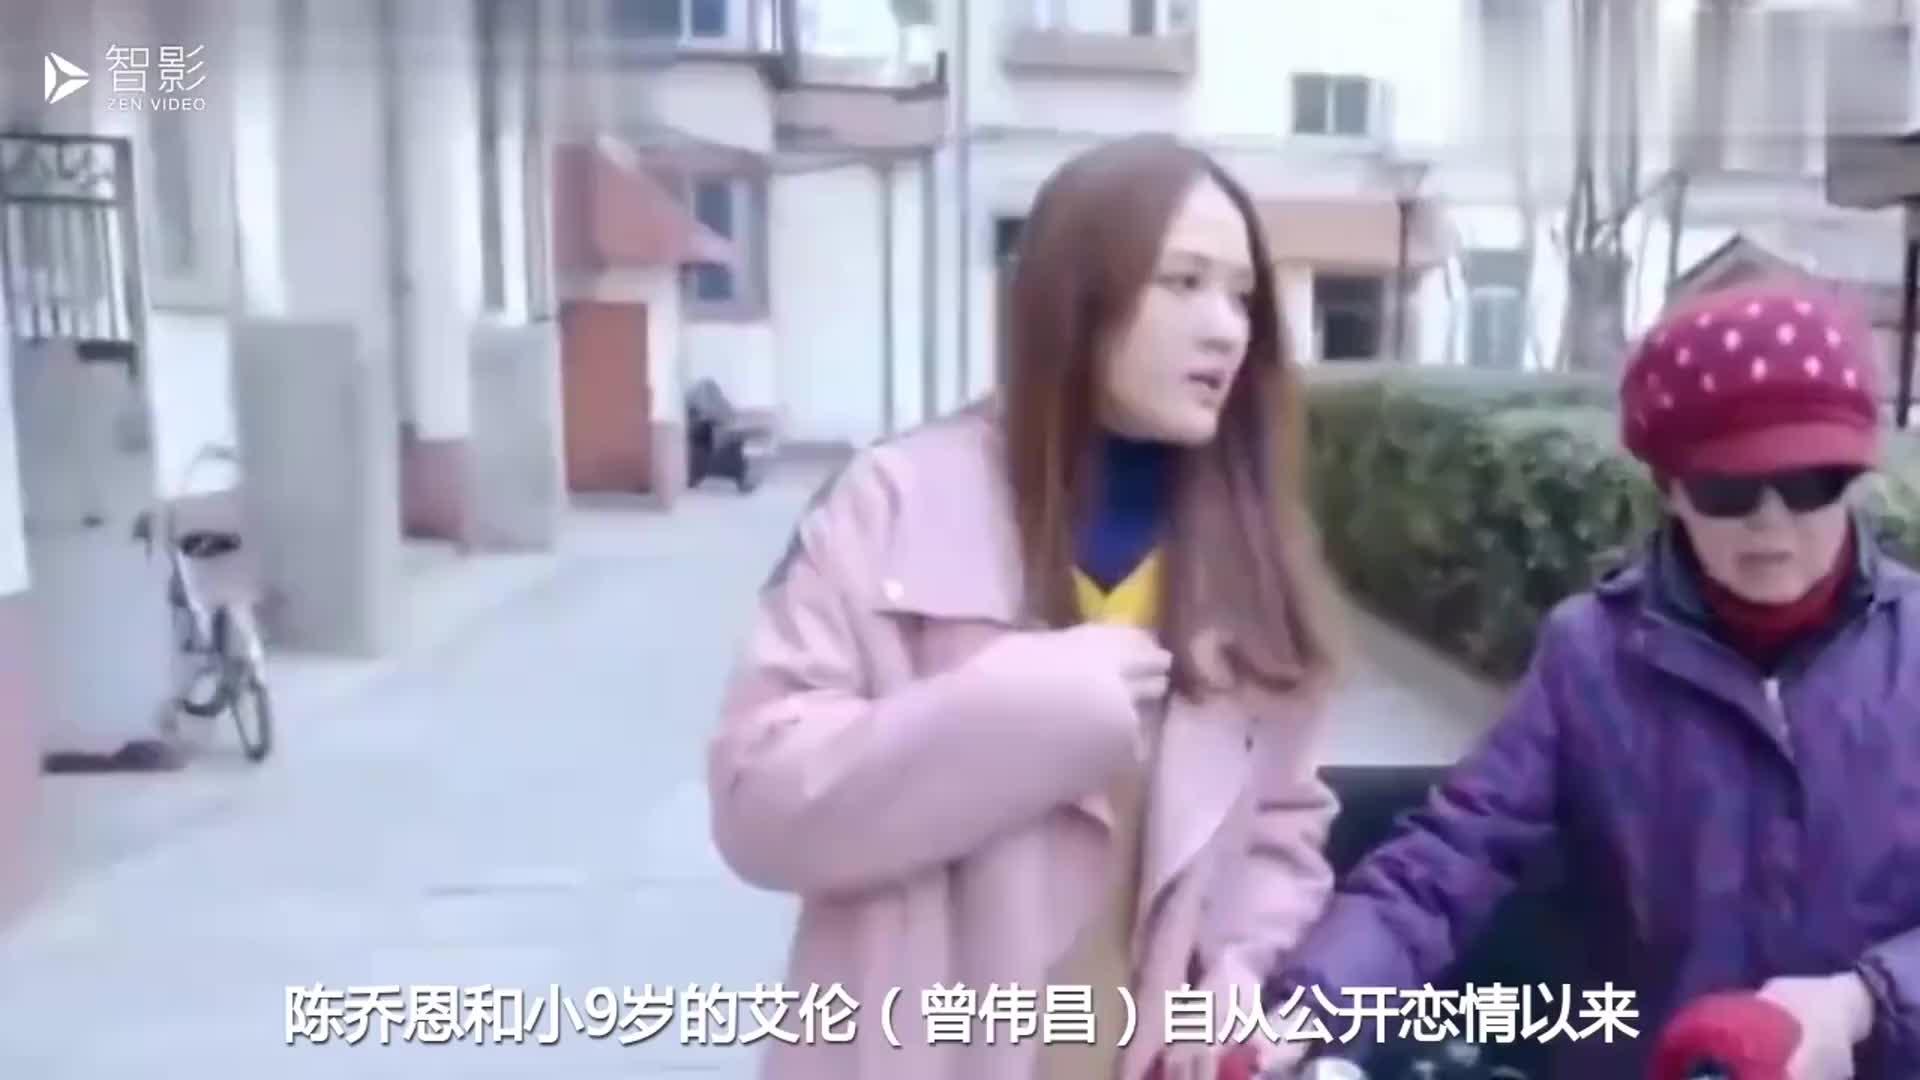 知情人曝陈乔恩艾伦闹矛盾,男方父母接受不了两人的年龄差